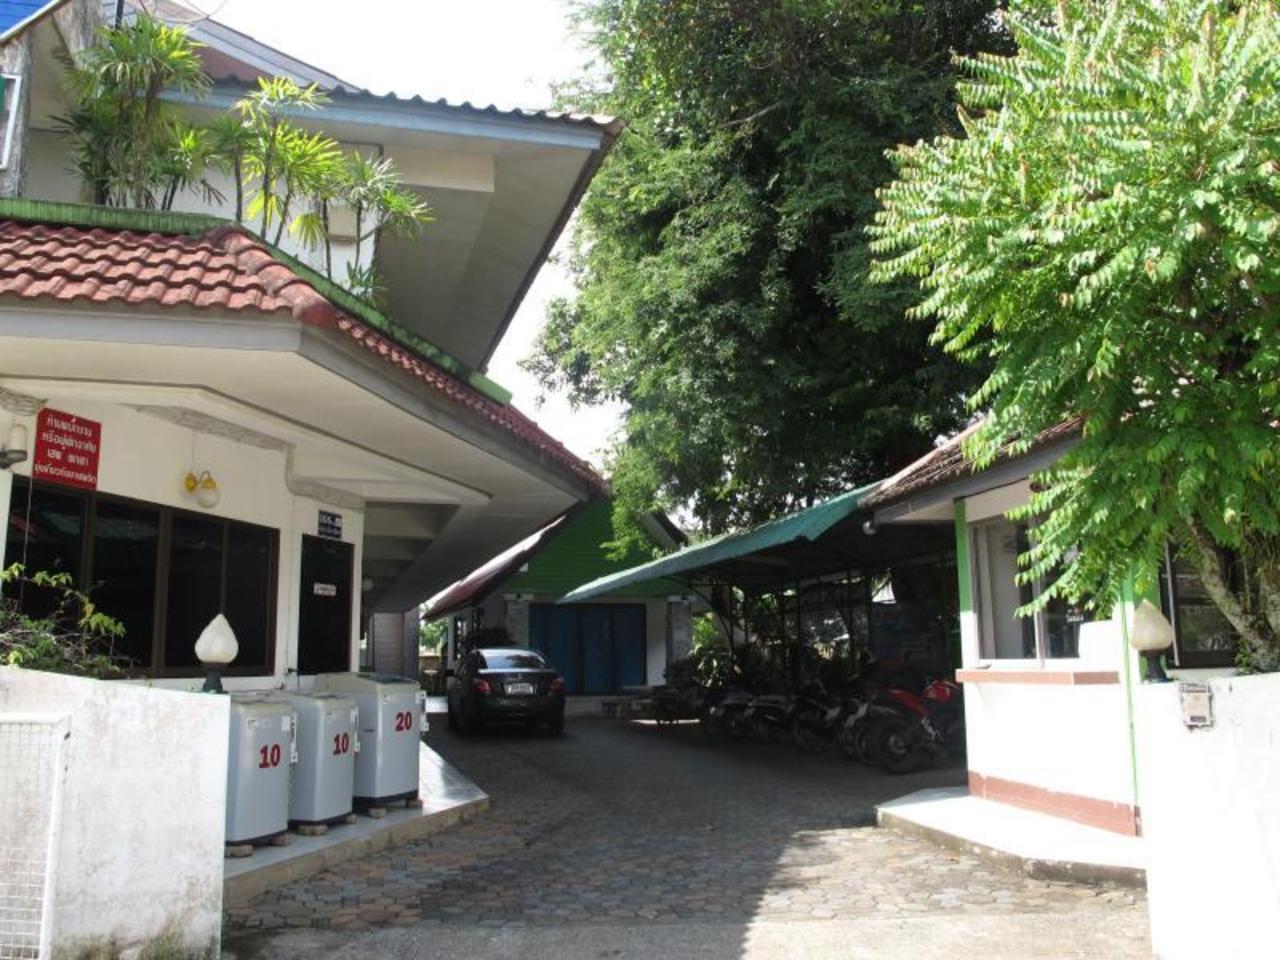 ทรี เฮาส์ เรสซิเดนซ์ (Tree House Residence)